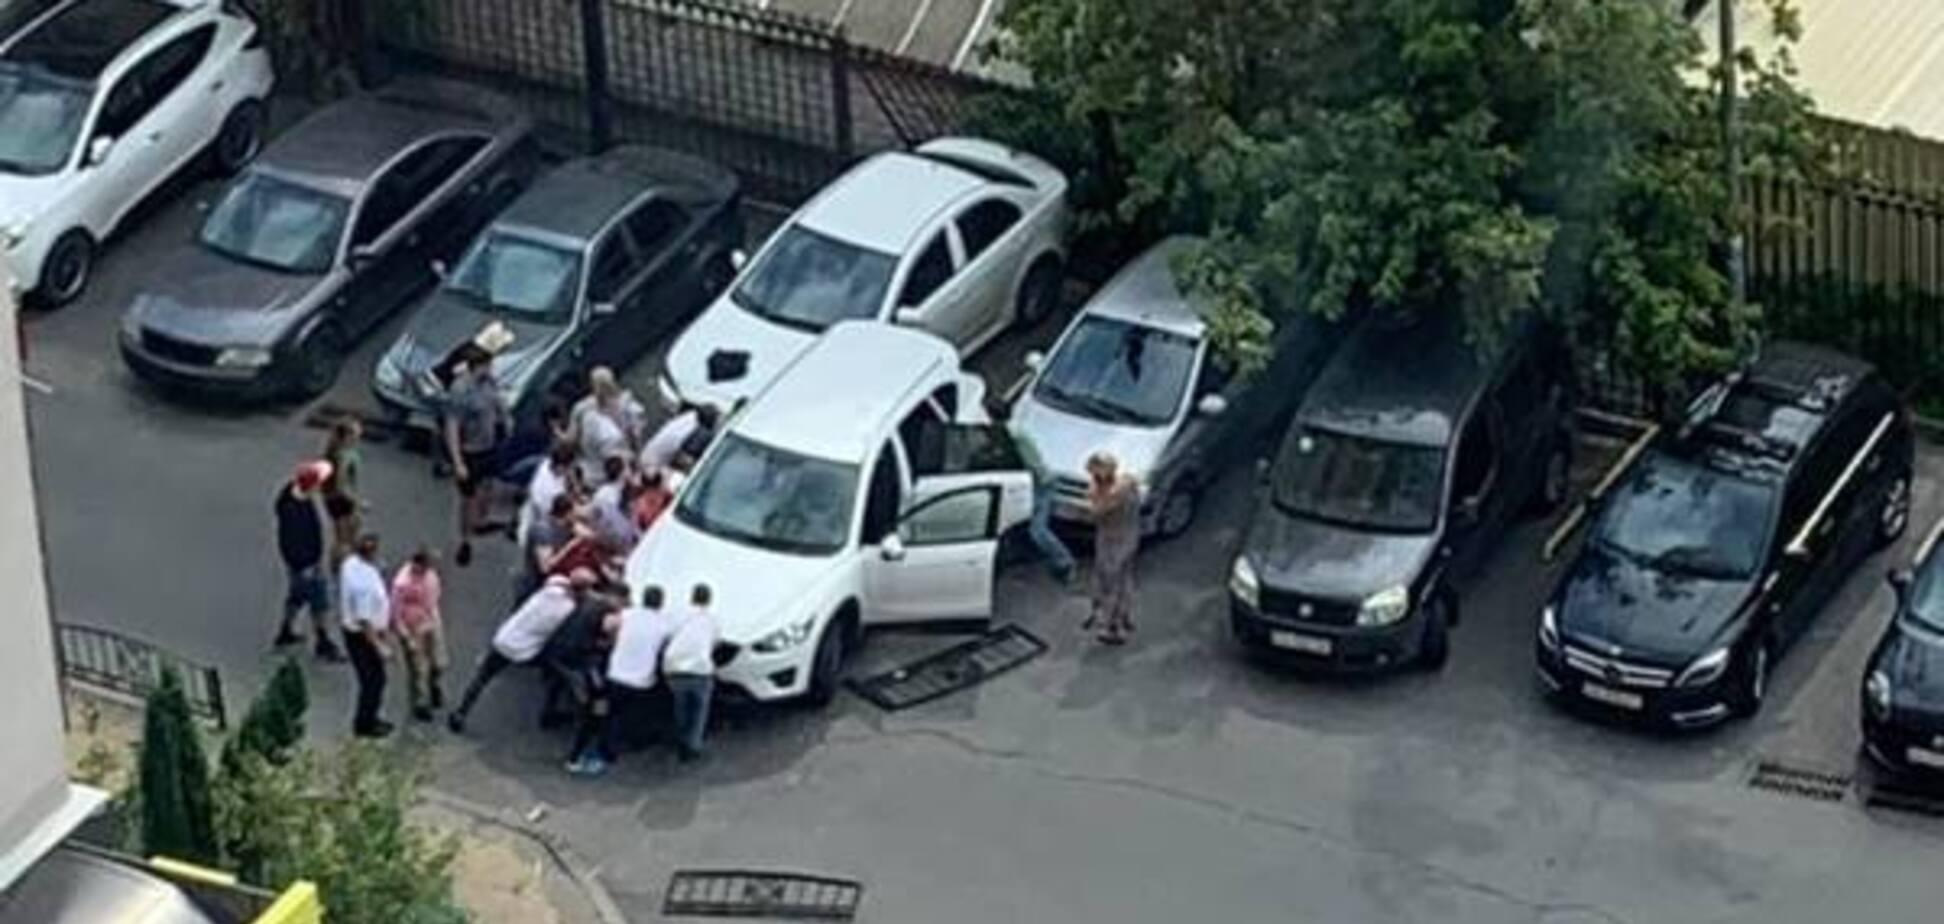 'Схопила судома': з'ясувалися скандальні деталі про ДТП з тещею Притули і Хомутинніка в Києві